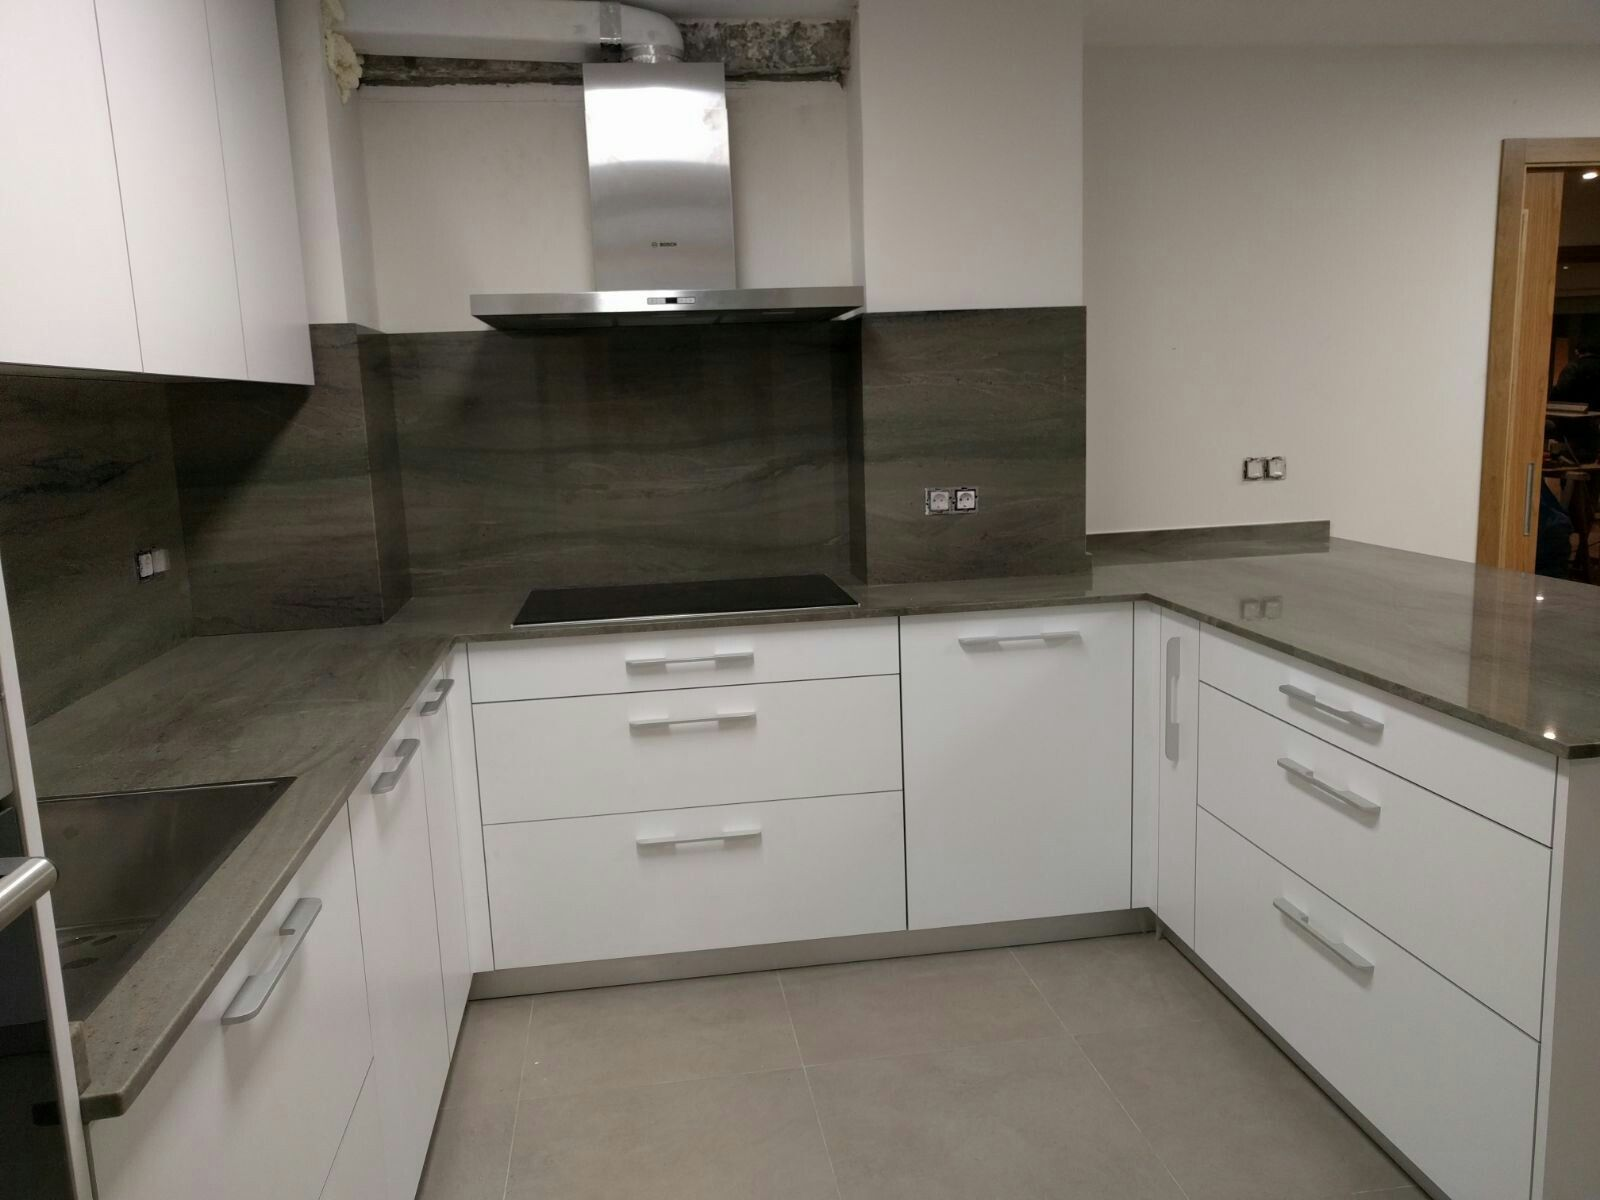 Cocina moderna blanco con encimera y frente en granito - Encimeras para cocinas ...